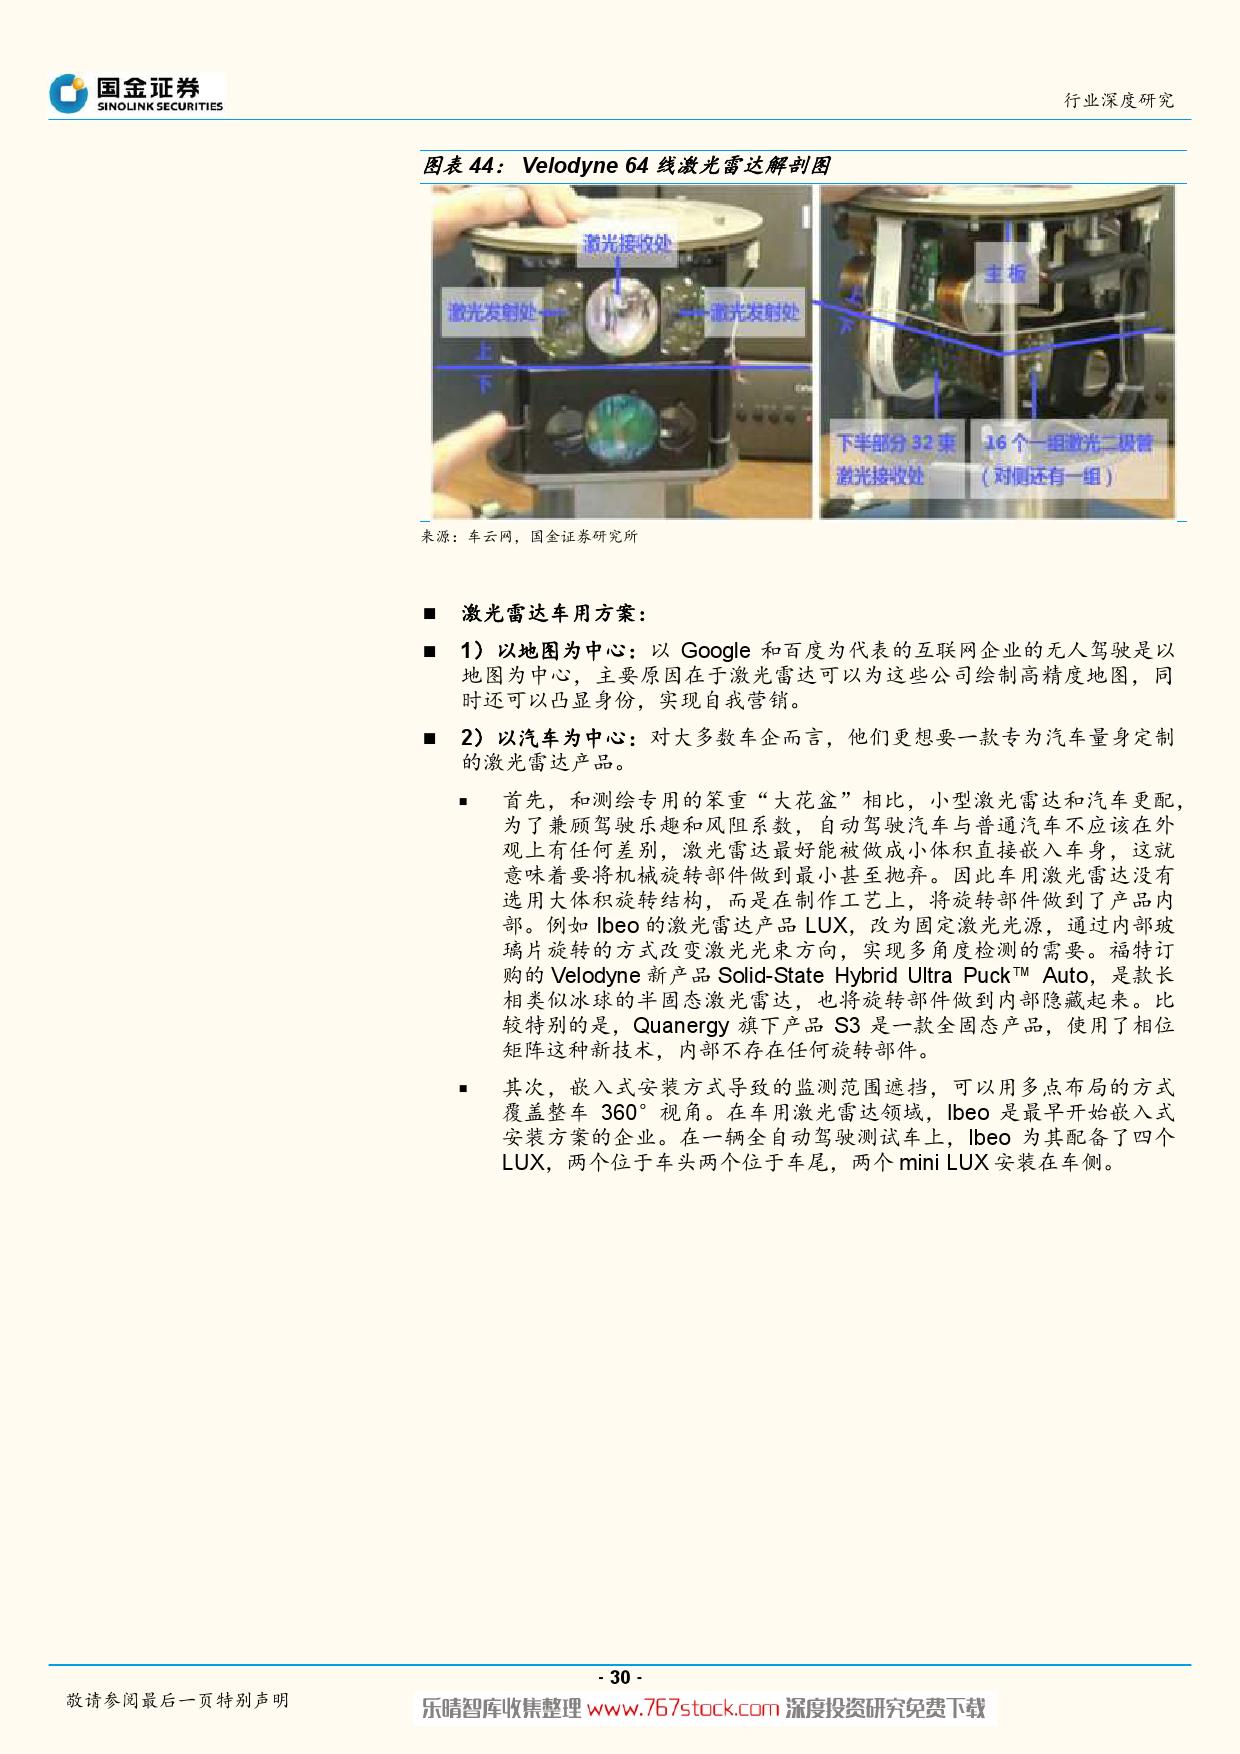 特斯拉产业系列深度报告-智能驾驶爆发在即_000030